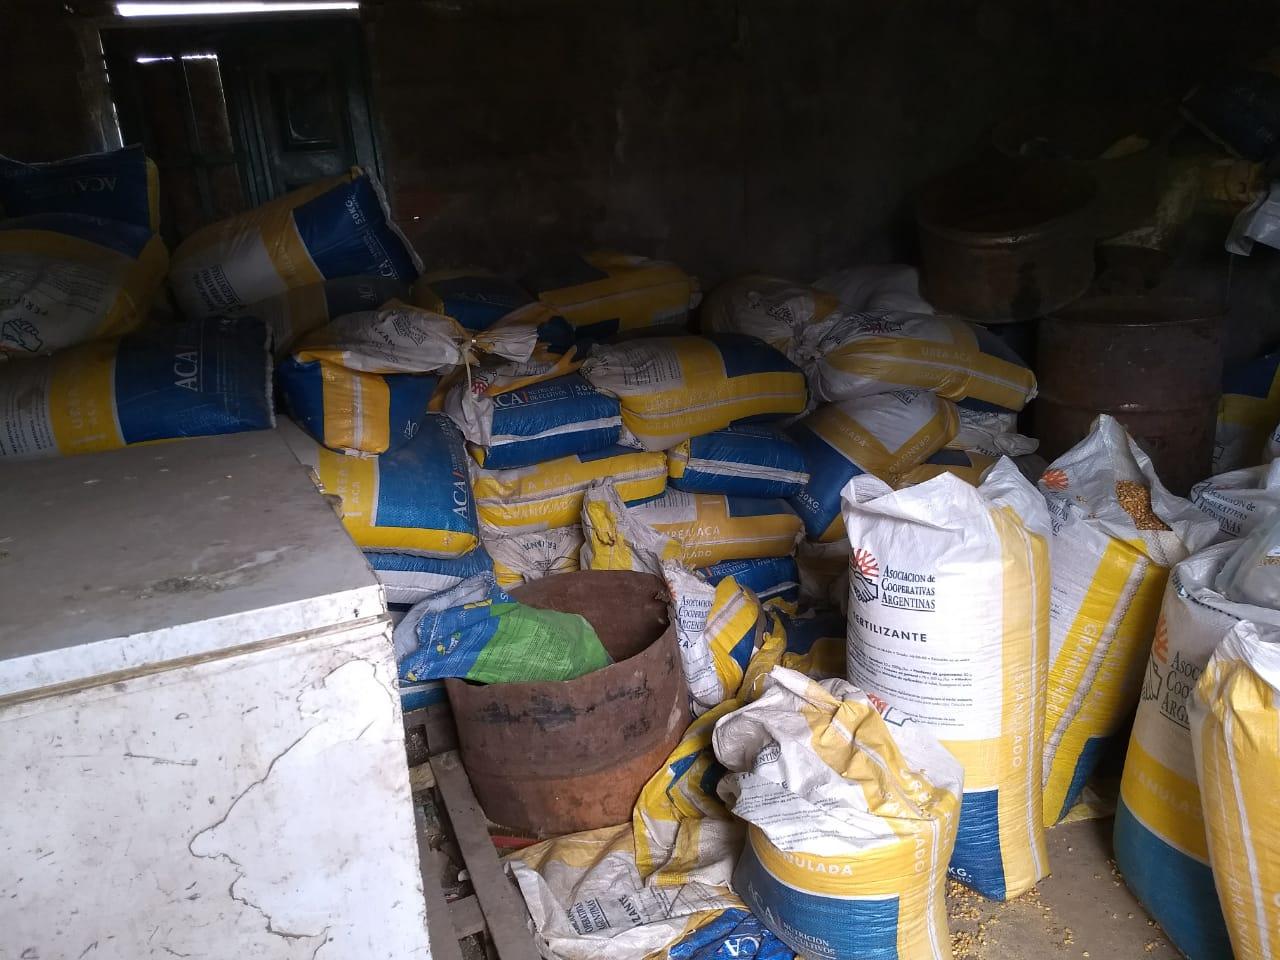 Un productor agropecuario denunció que este fin de semana ingresaron en el campo que arrenda y se llevaron más de 1500 kilos de maíz a granel.